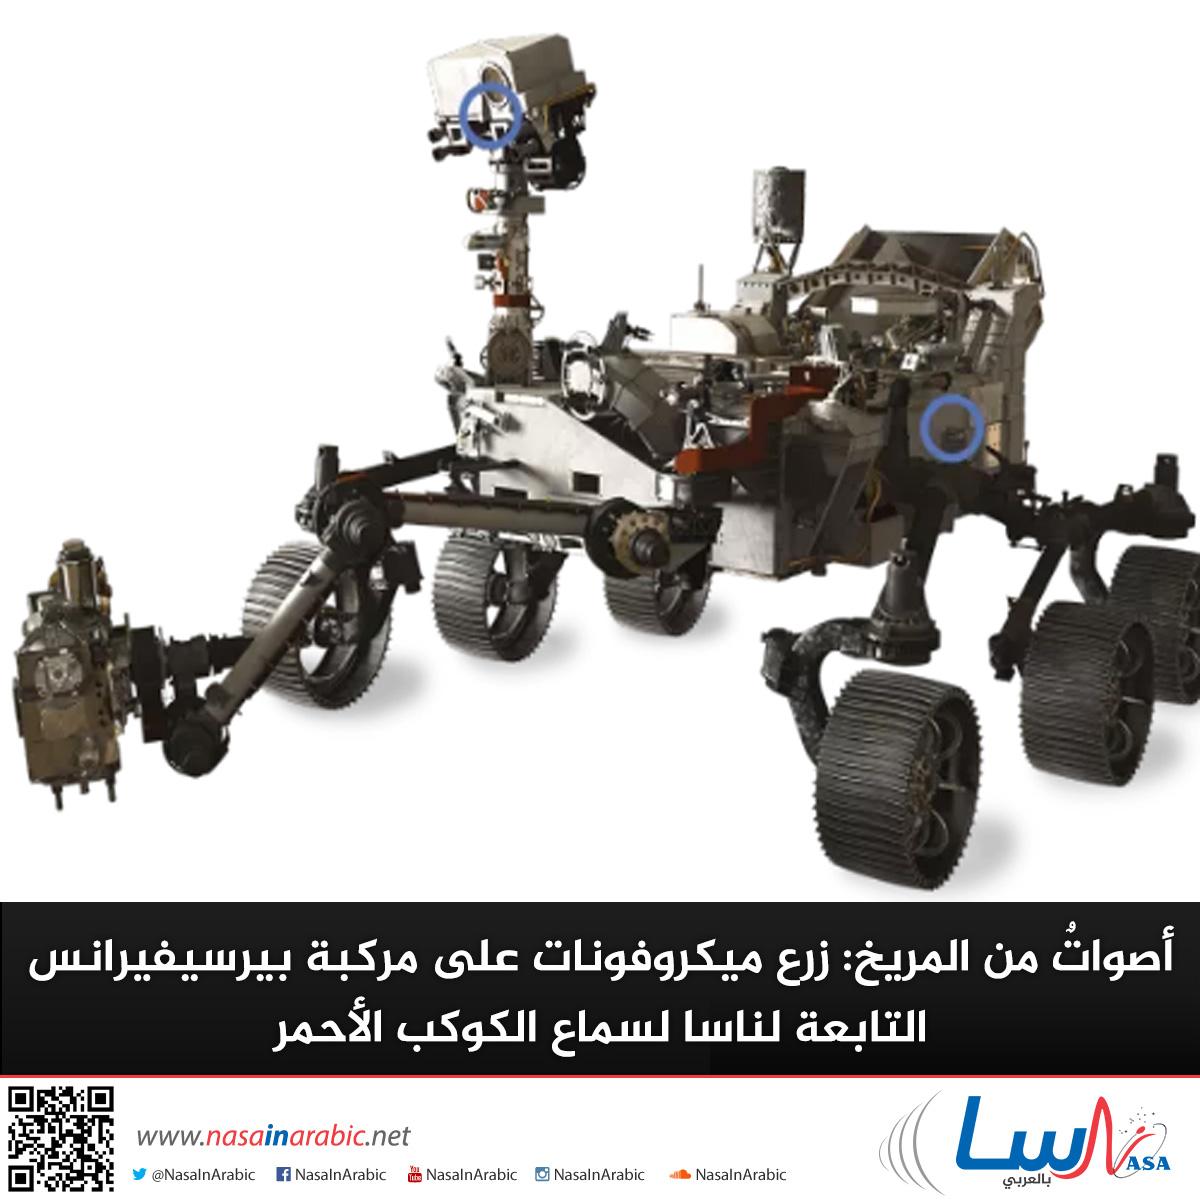 أصواتٌ من المريخ: زرع ميكروفونات على مركبة بيرسيفيرانس التابعة لناسا لسماع الكوكب الأحمر